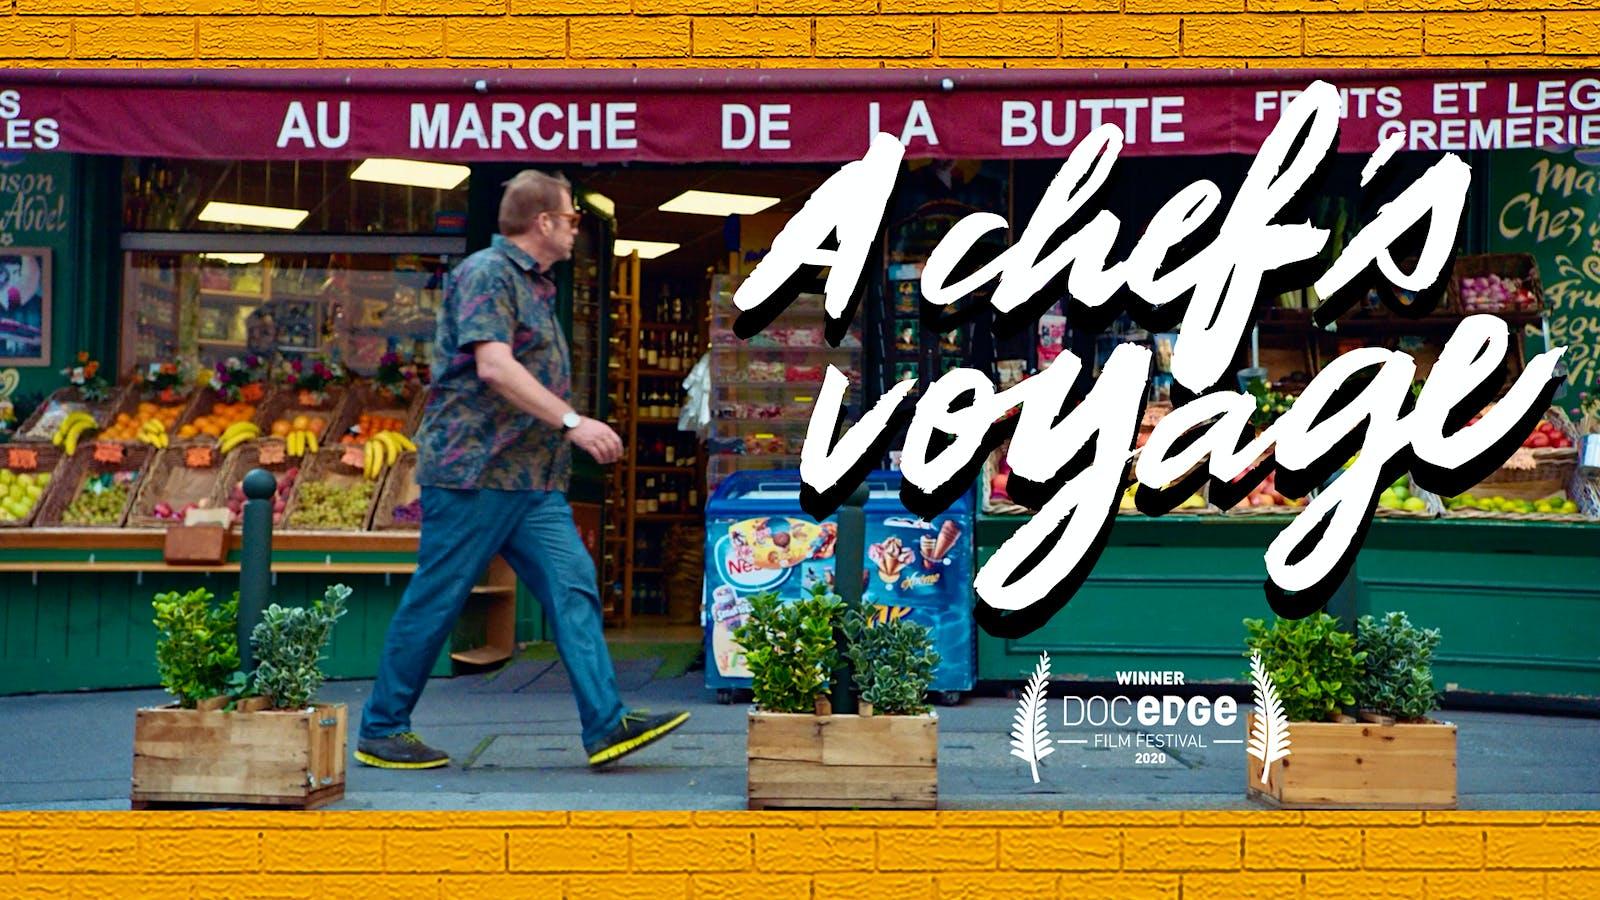 Documentary Film 'A Chef's Voyage' Follows Manresa Chef David Kinch Through France